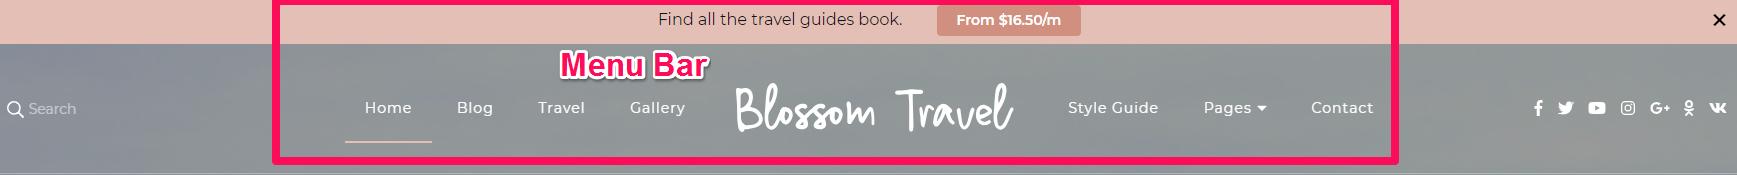 Menu Bar Blossom Travel Pro